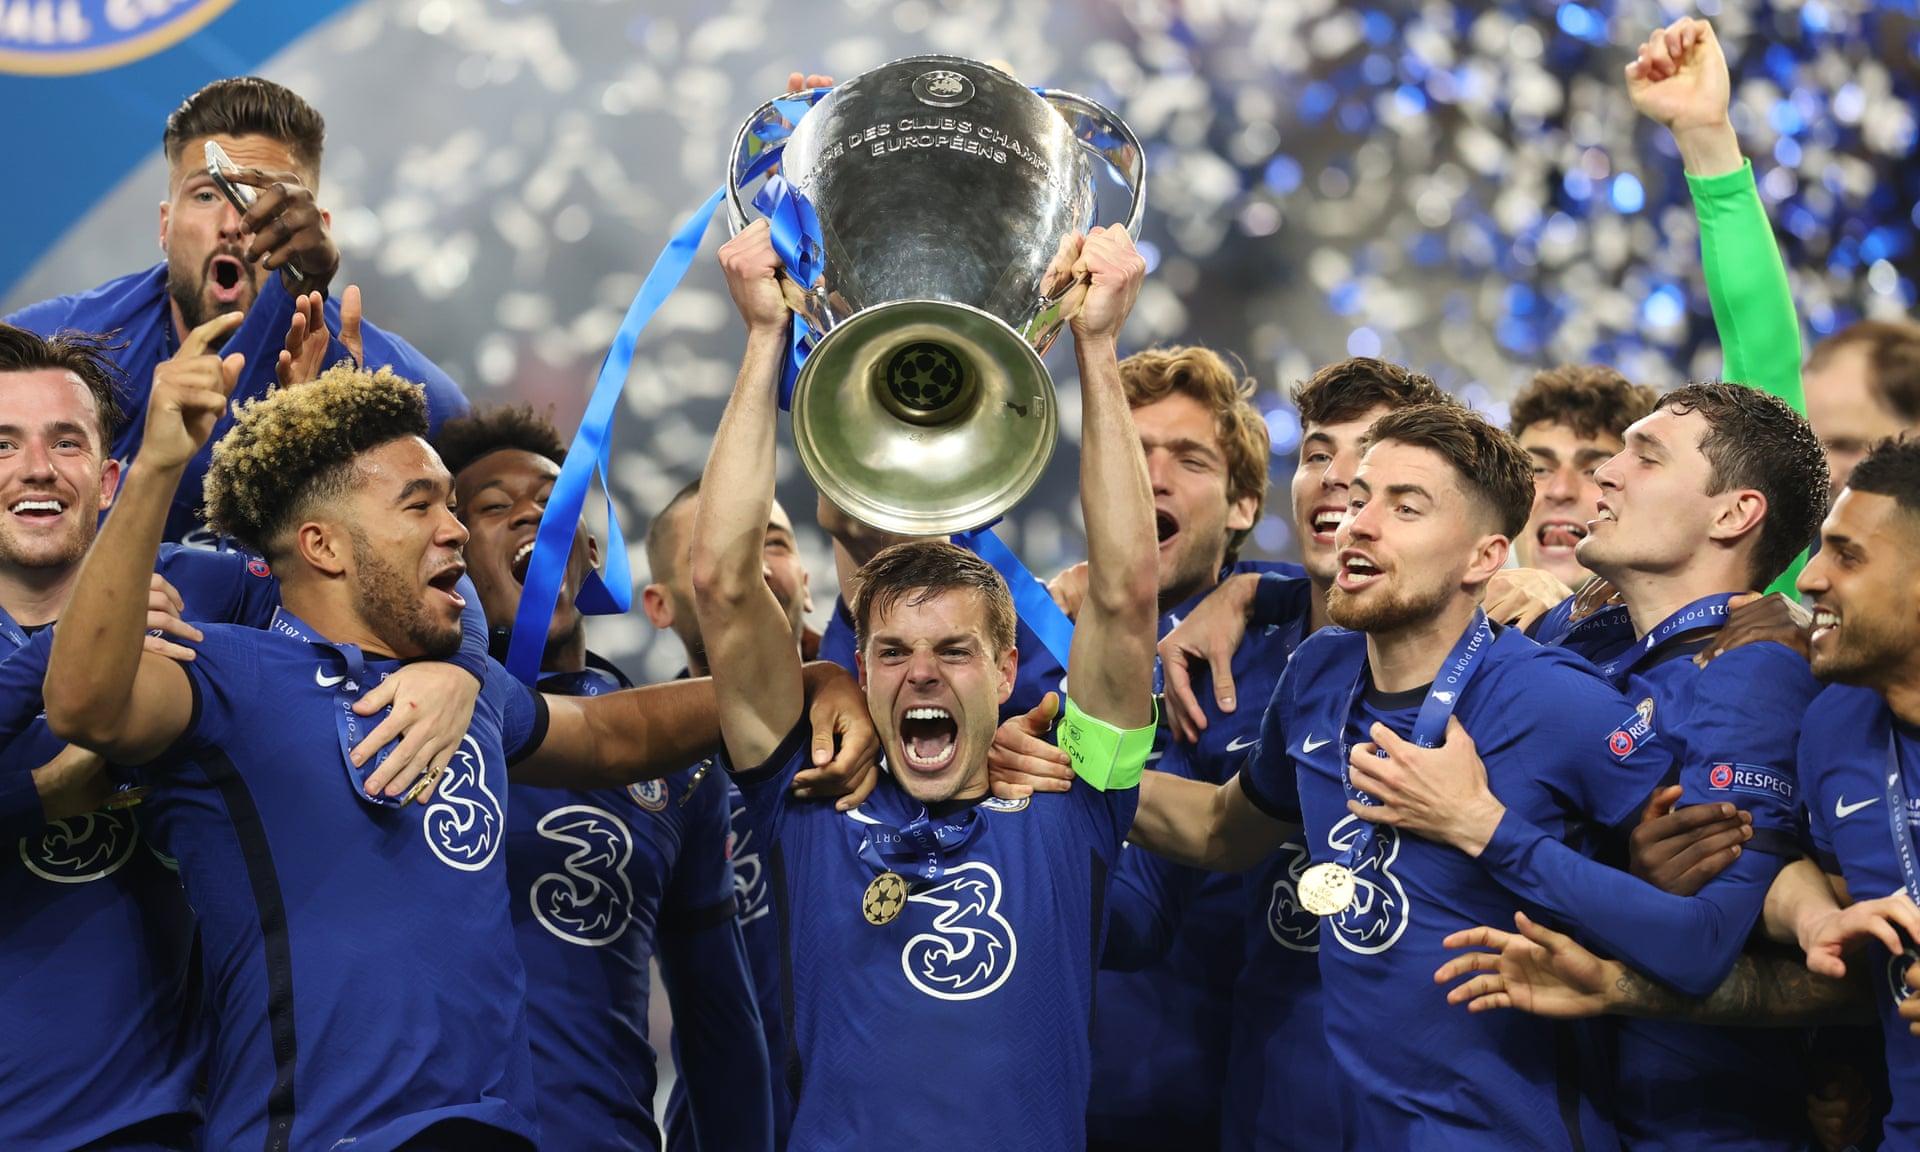 Cái dớp đáng sợ ở chung kết Champions League - Bóng Đá